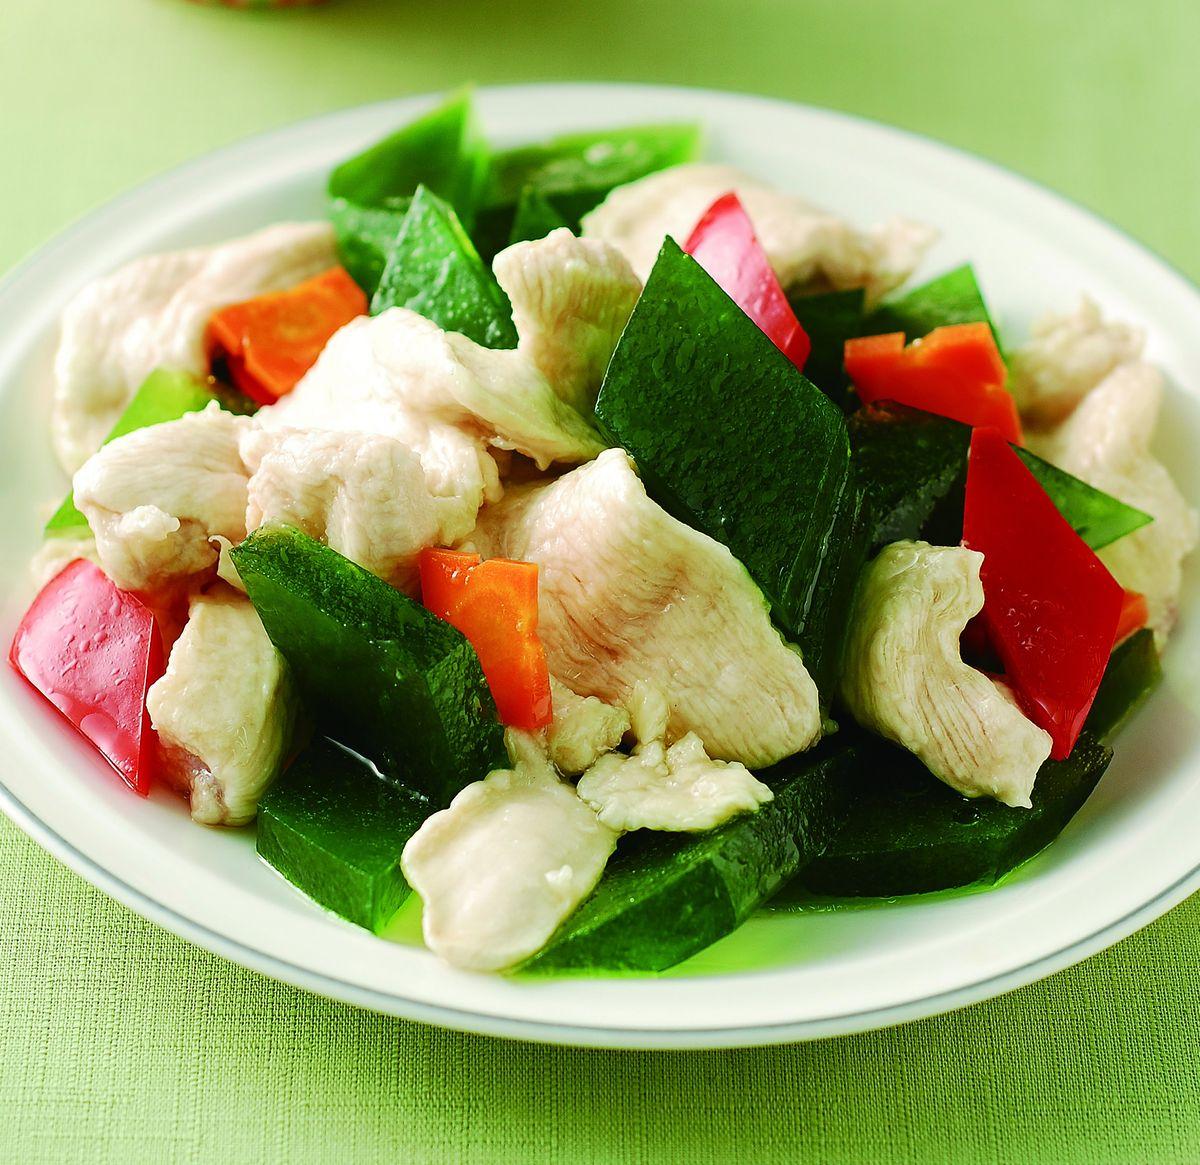 食譜:翡翠炒雞肉